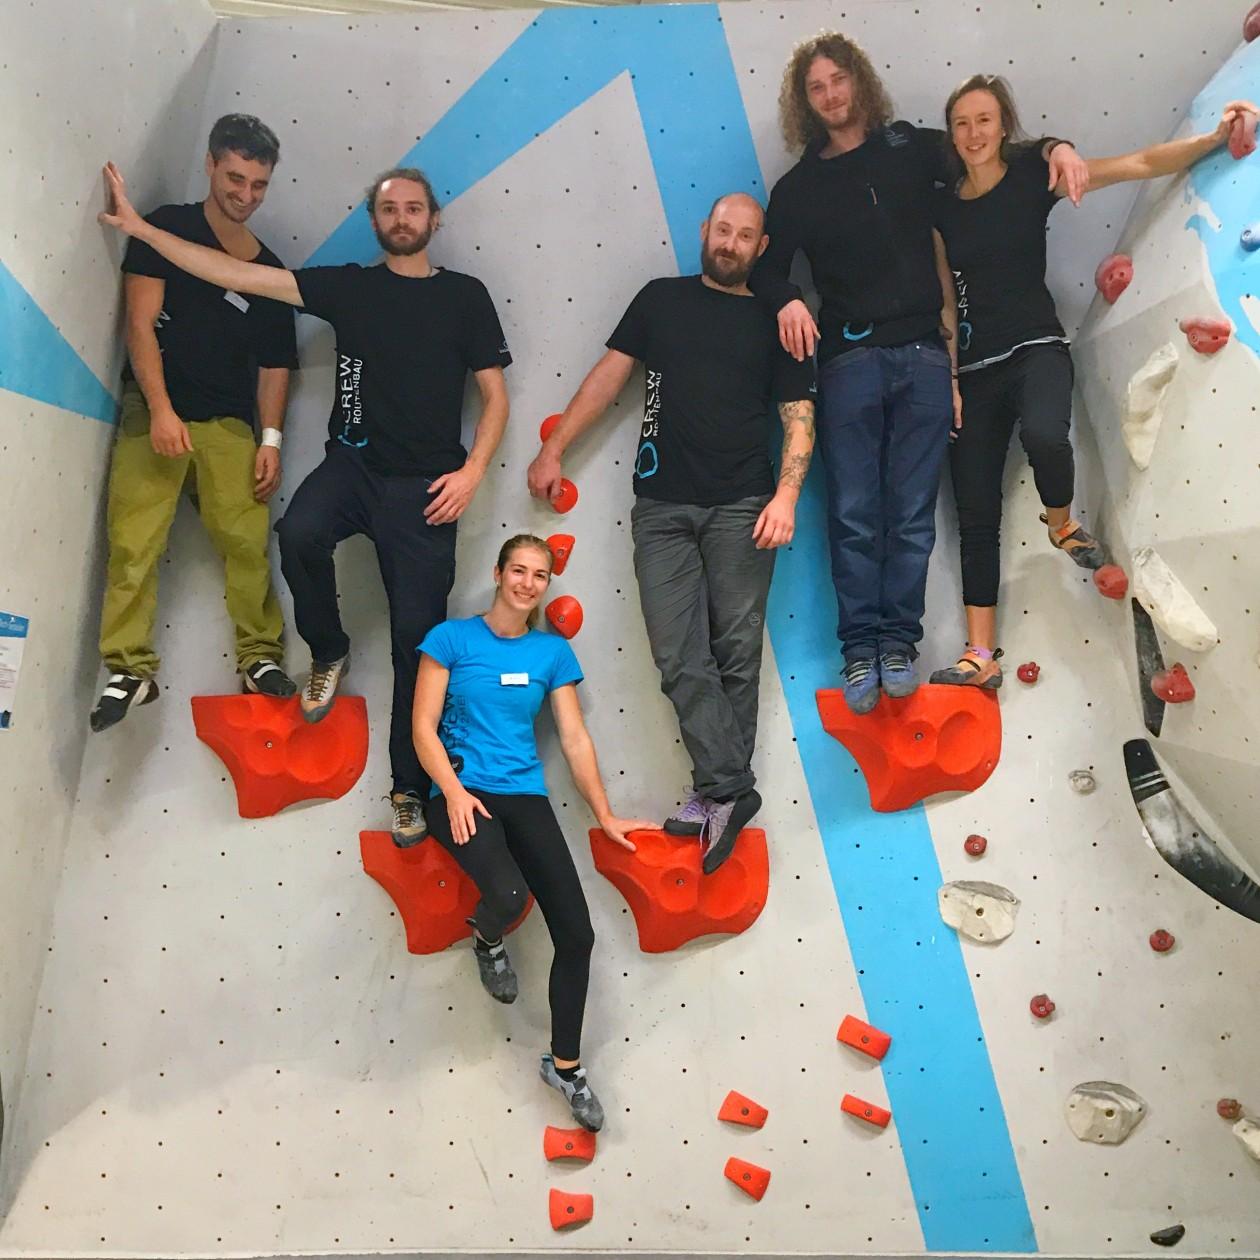 An insgesamt 11 Technikstationen zu 5 Themenbereichen konnten die Teilnehmer zusammen mit unserer Coaching Crew an ihren Boulderskills tüfteln.